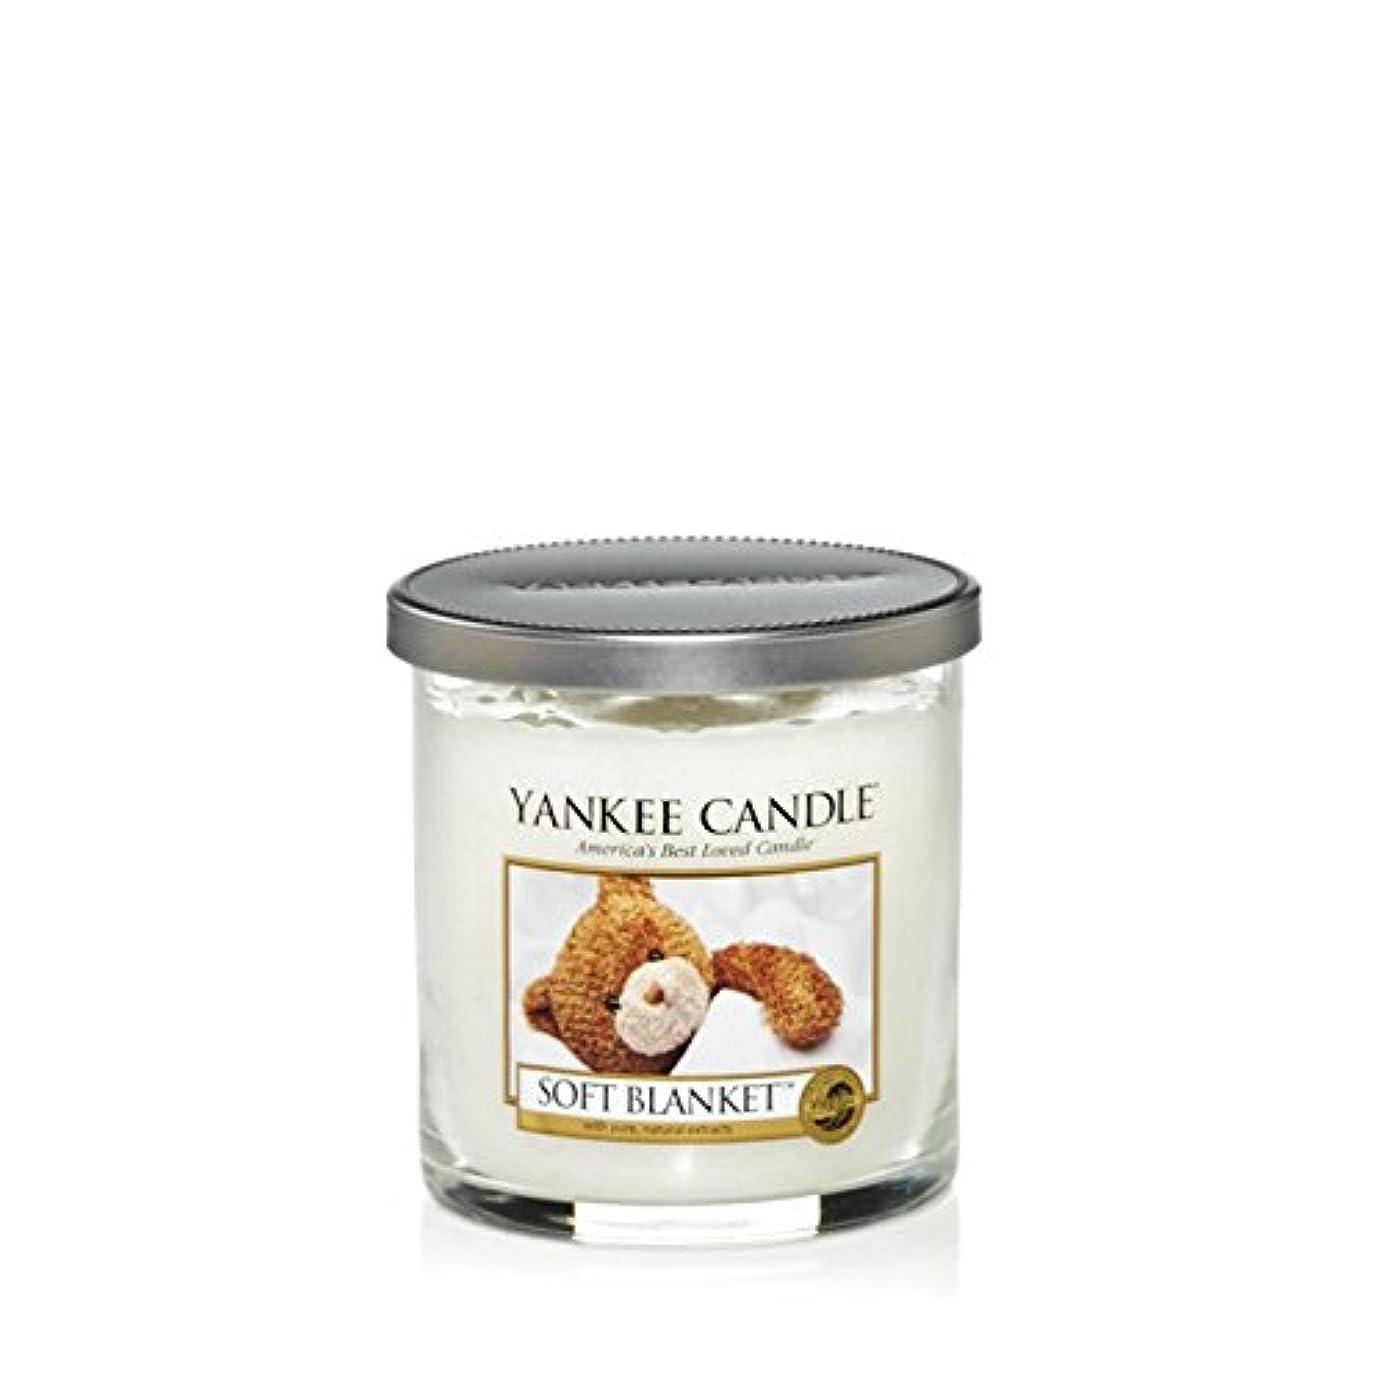 立派な入るアクセサリーYankee Candles Small Pillar Candle - Soft Blanket (Pack of 6) - ヤンキーキャンドルの小さな柱キャンドル - ソフト毛布 (x6) [並行輸入品]